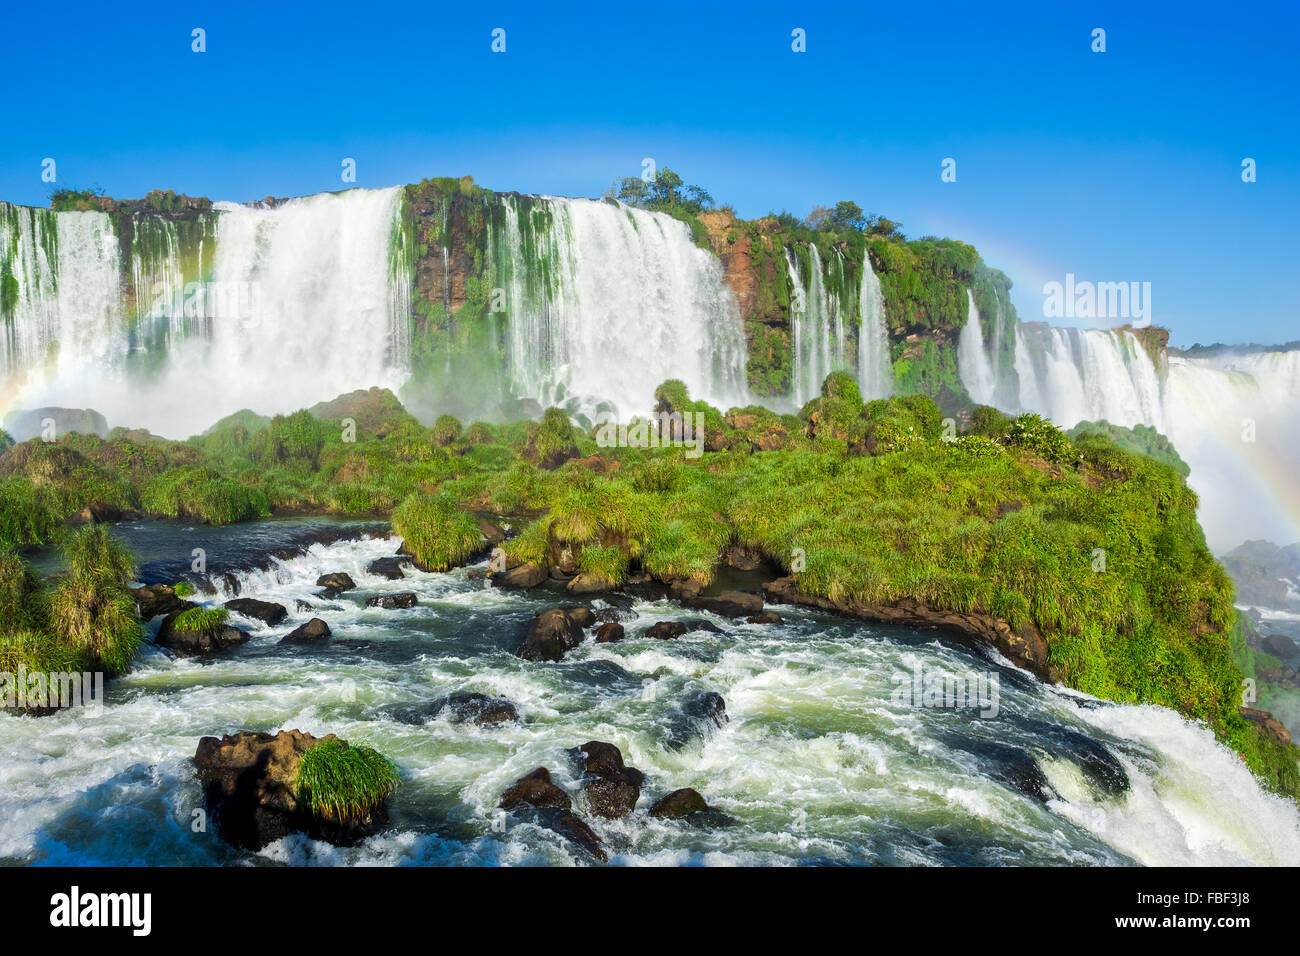 Chutes d'Iguaçu, à la frontière de l'Argentine, le Brésil et le Paraguay. Photo Stock